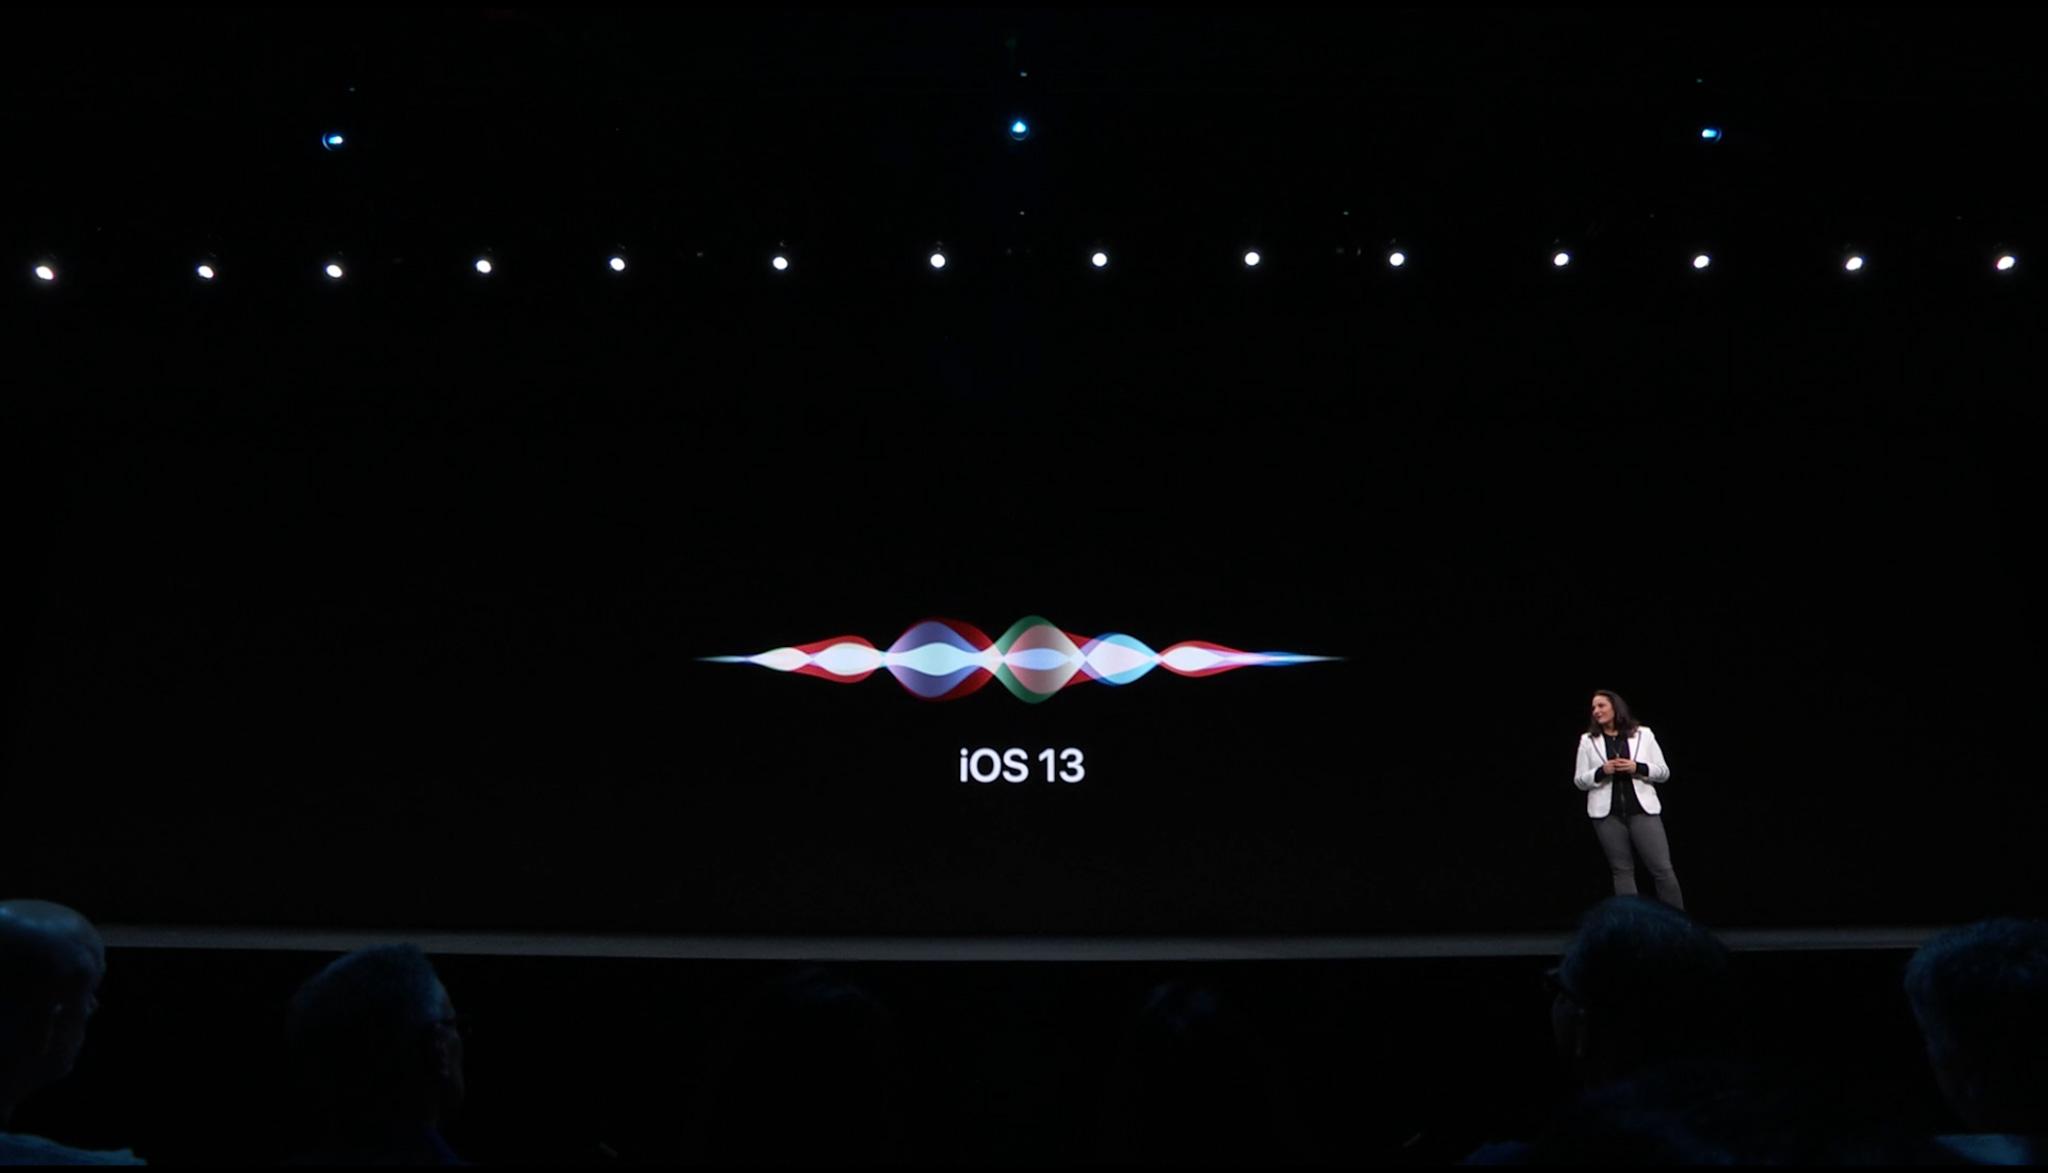 Siri iOS 13